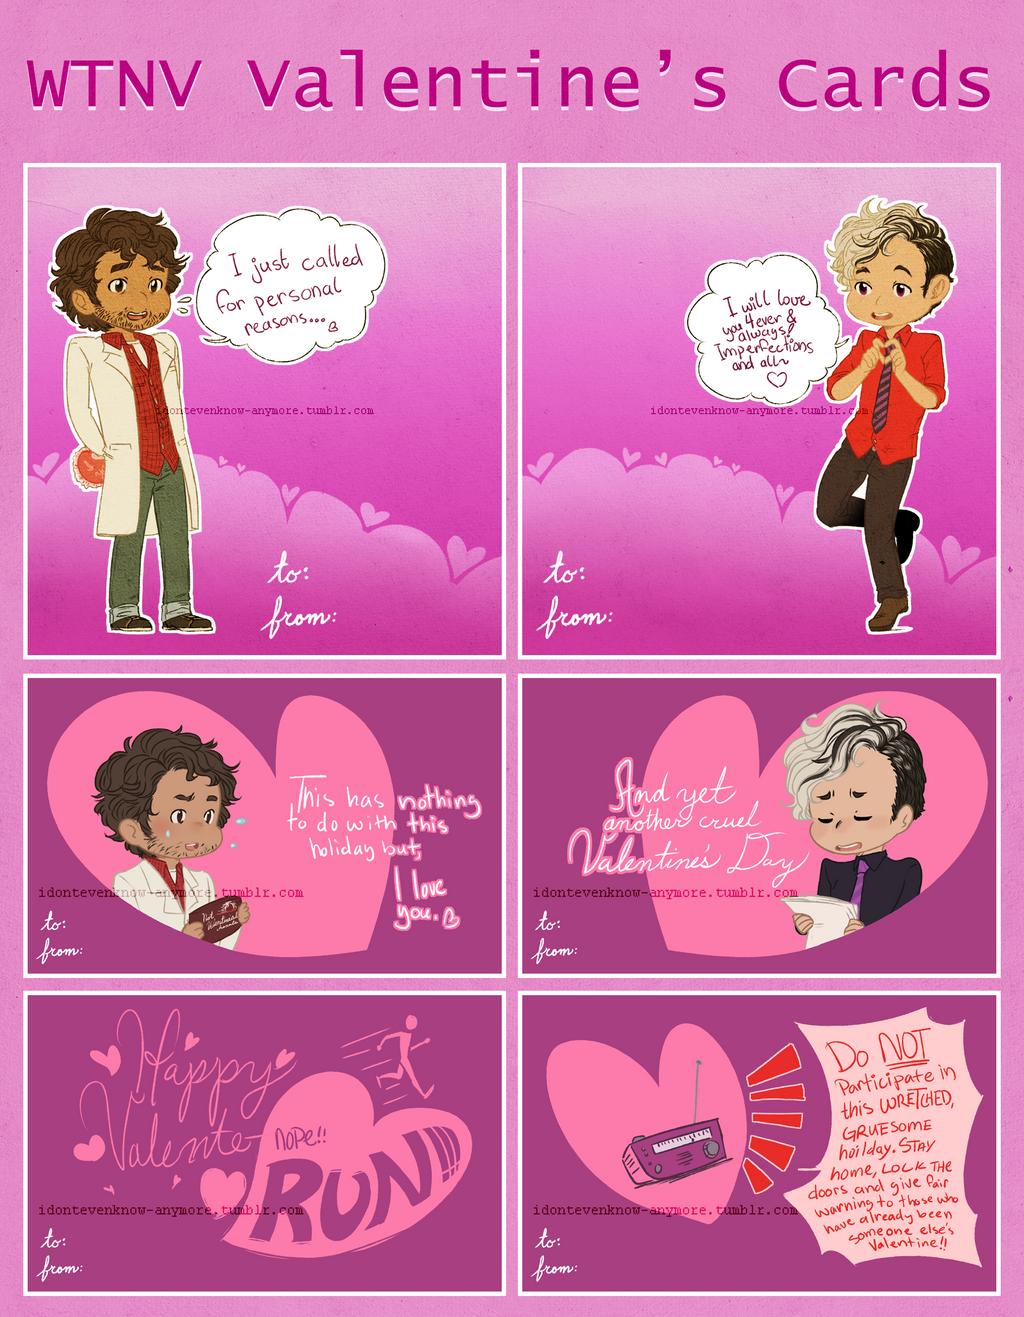 WTNV Valentine Cards by dontevenknowanymore on DeviantArt – Digital Valentine Card